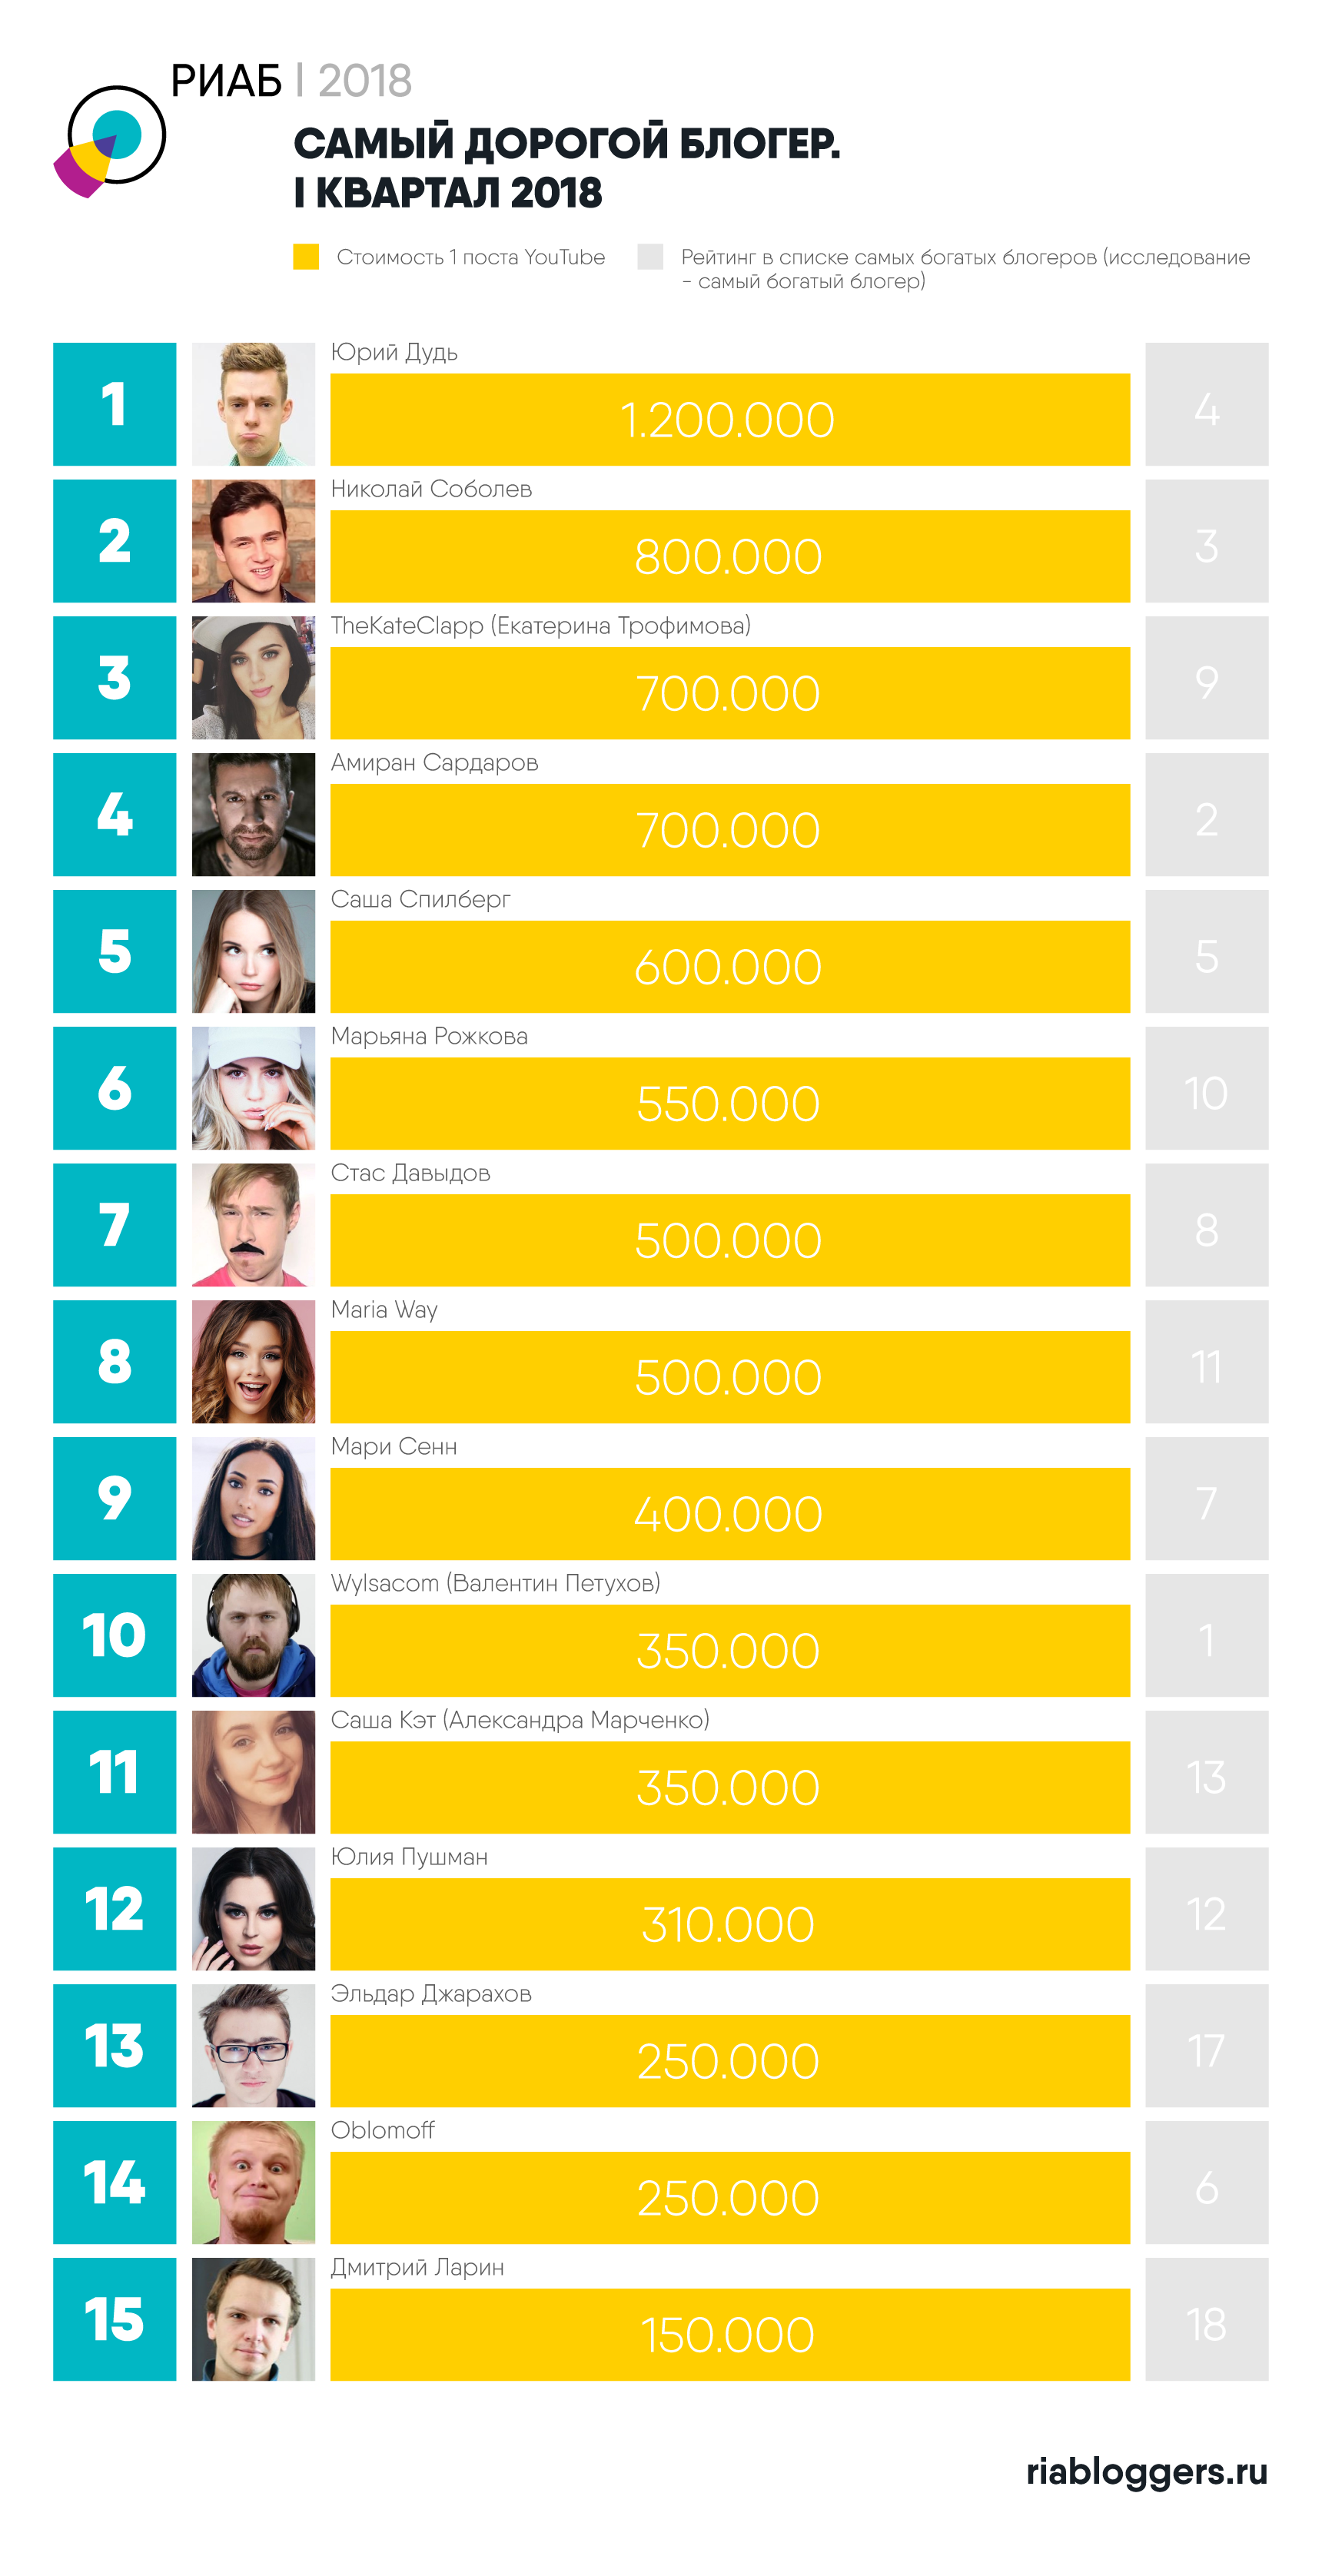 Названа стоимость рекламы у самых популярных YouTube-блогеров